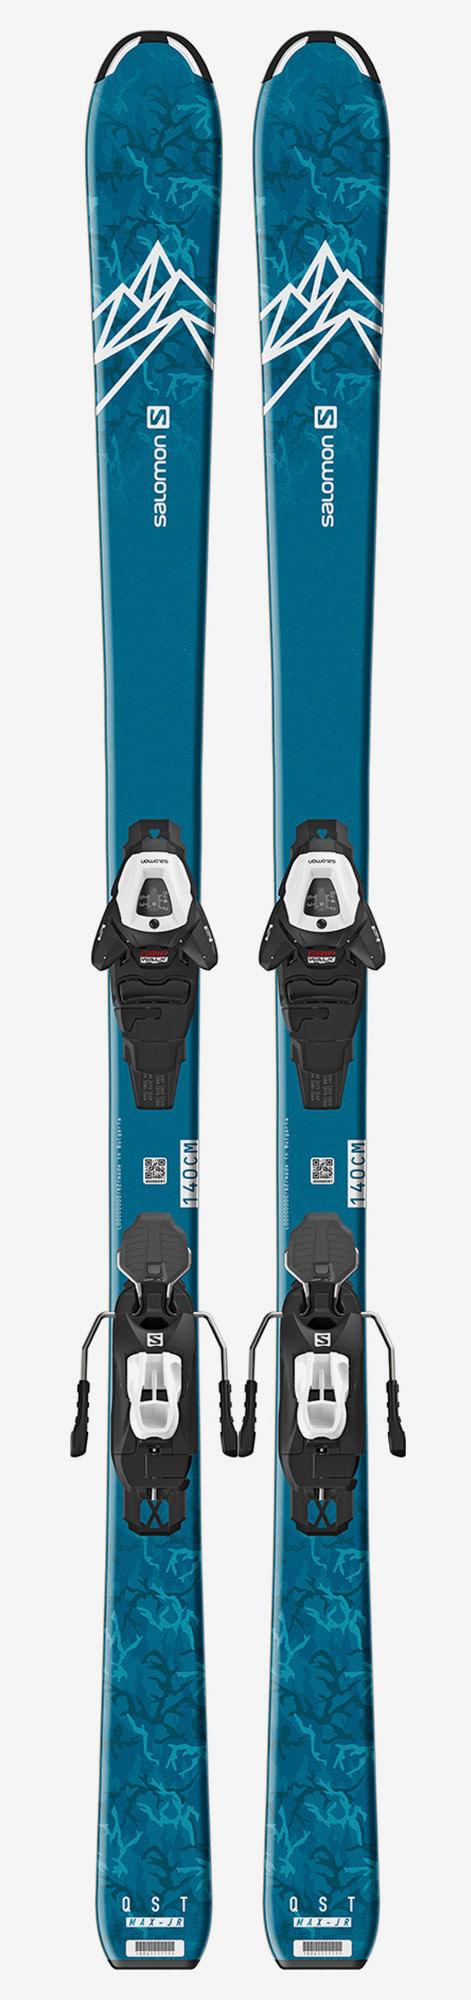 Salomon-QST-Max-Jr.-M-Kids-Ski-With-L6-GW-Bindings-2021